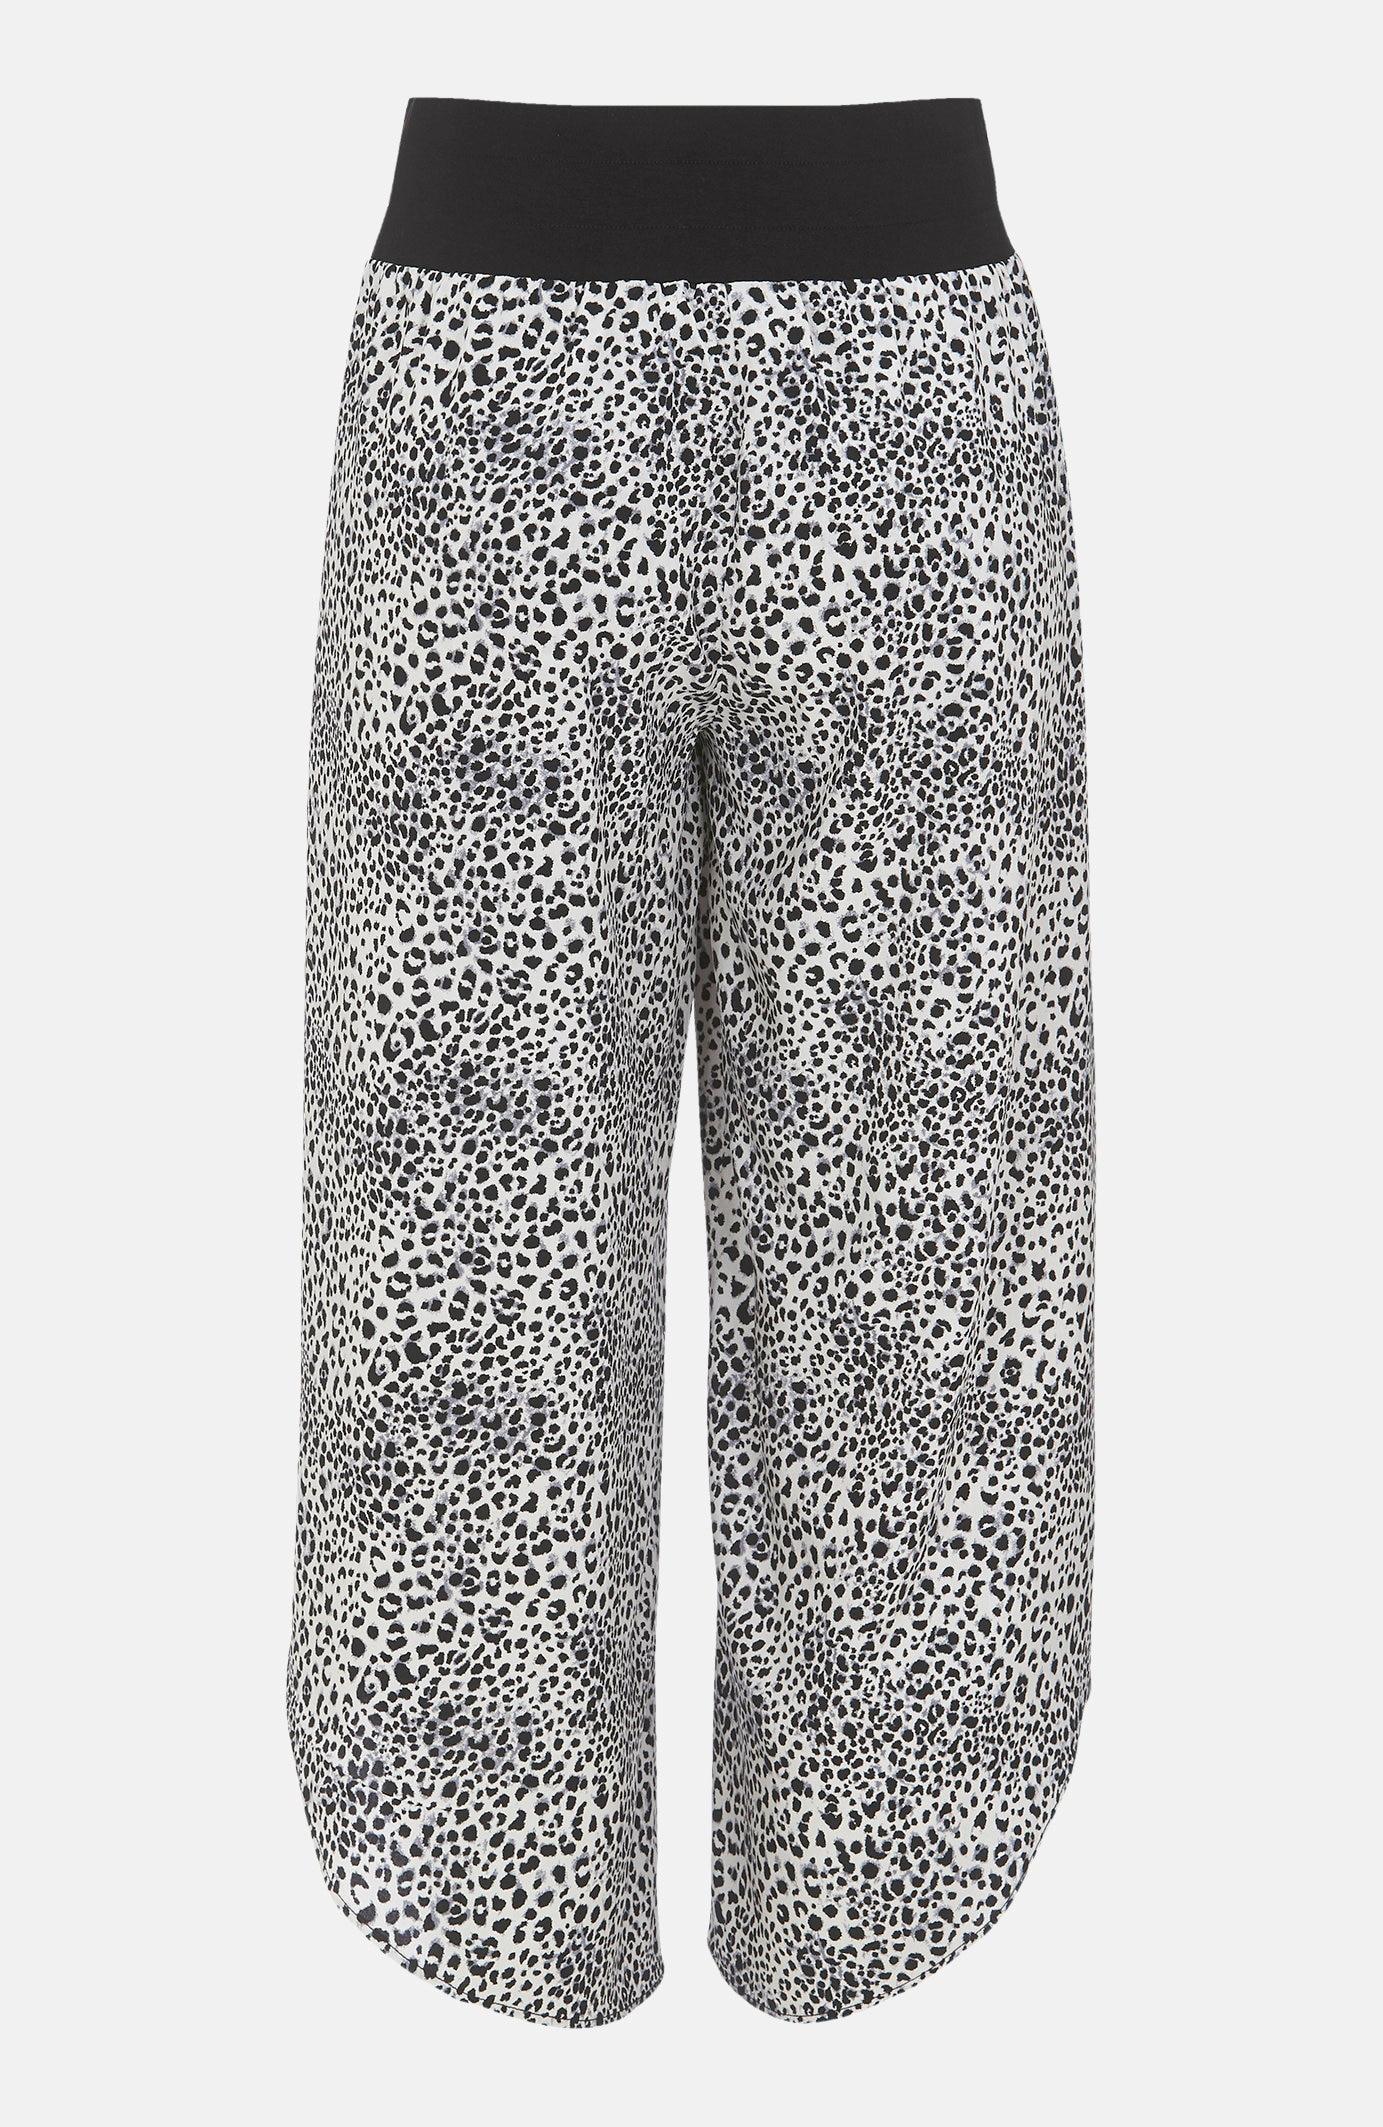 Spodnie typu culotte zrozcięciami